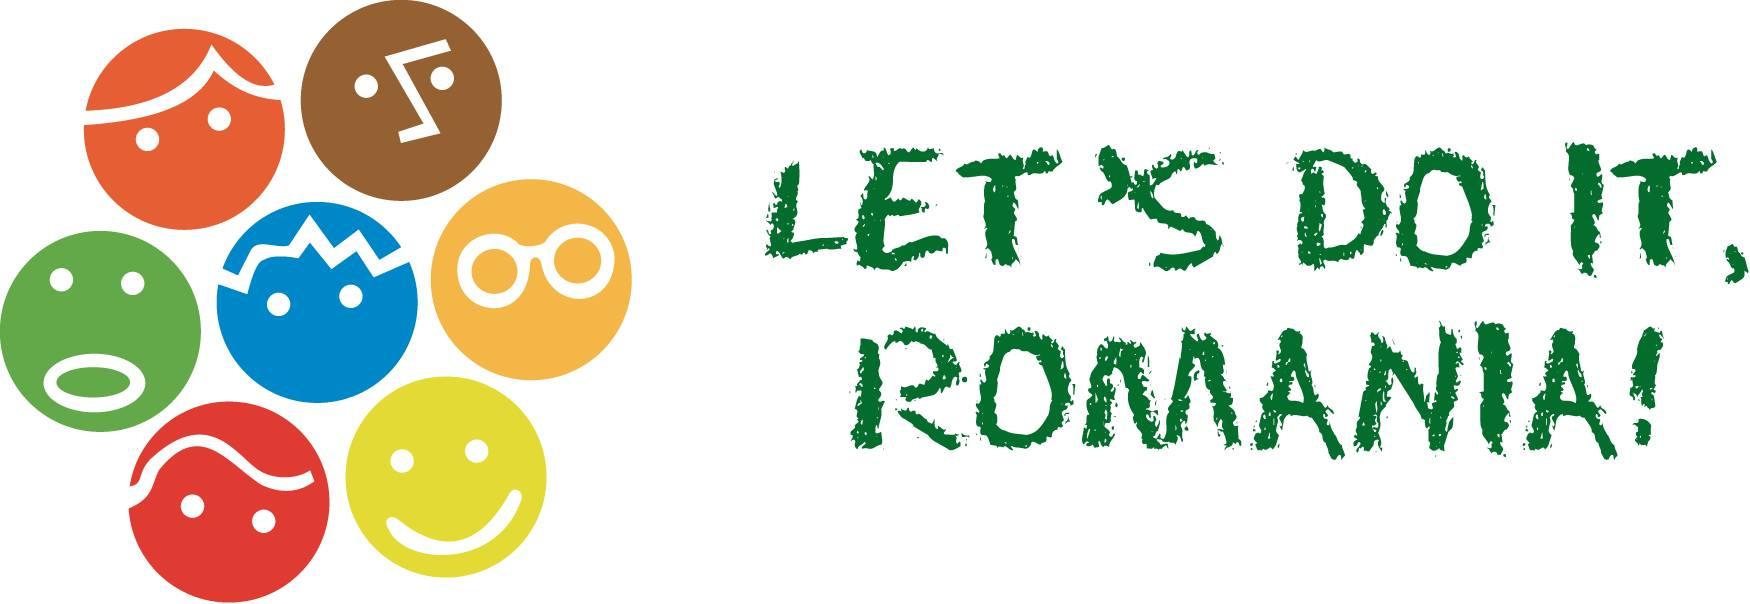 Let's Do It, Romania! Pe 15 septembrie, 1 milion de români sunt invitați să curețe România la cea mai mare mișcare civică de pe Glob